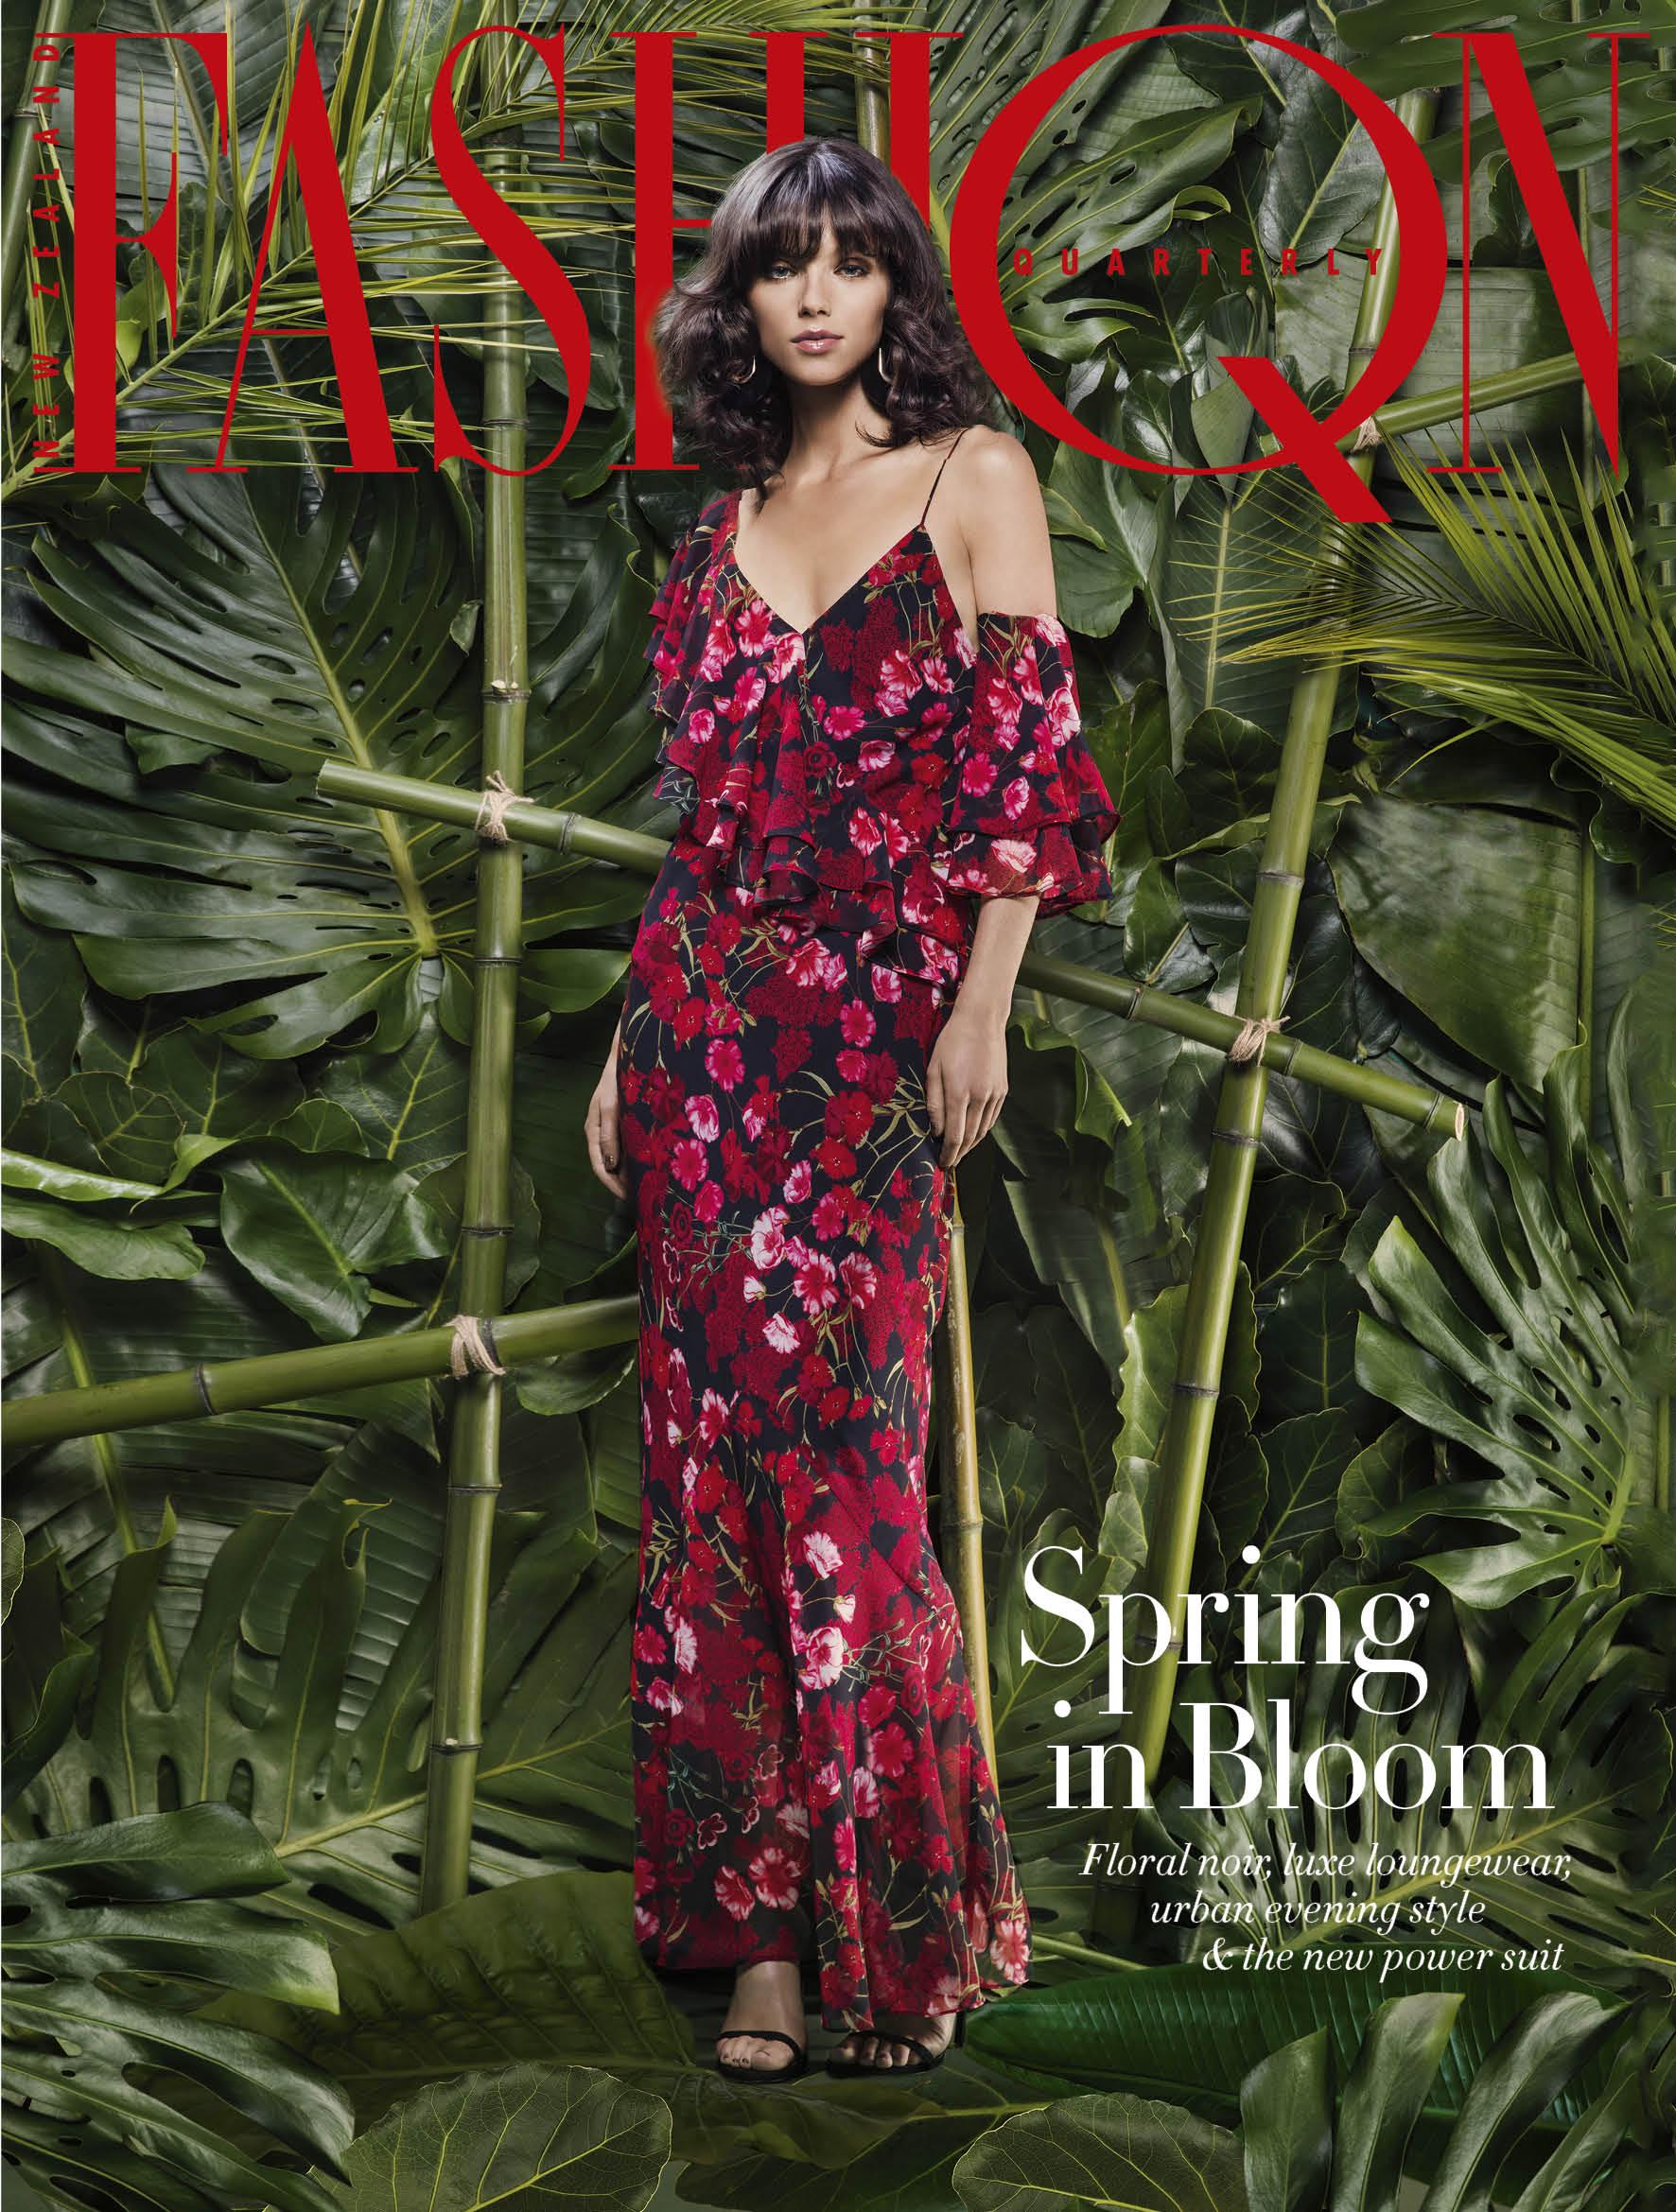 Spring Cover 2016 'Fashion Quarterly'